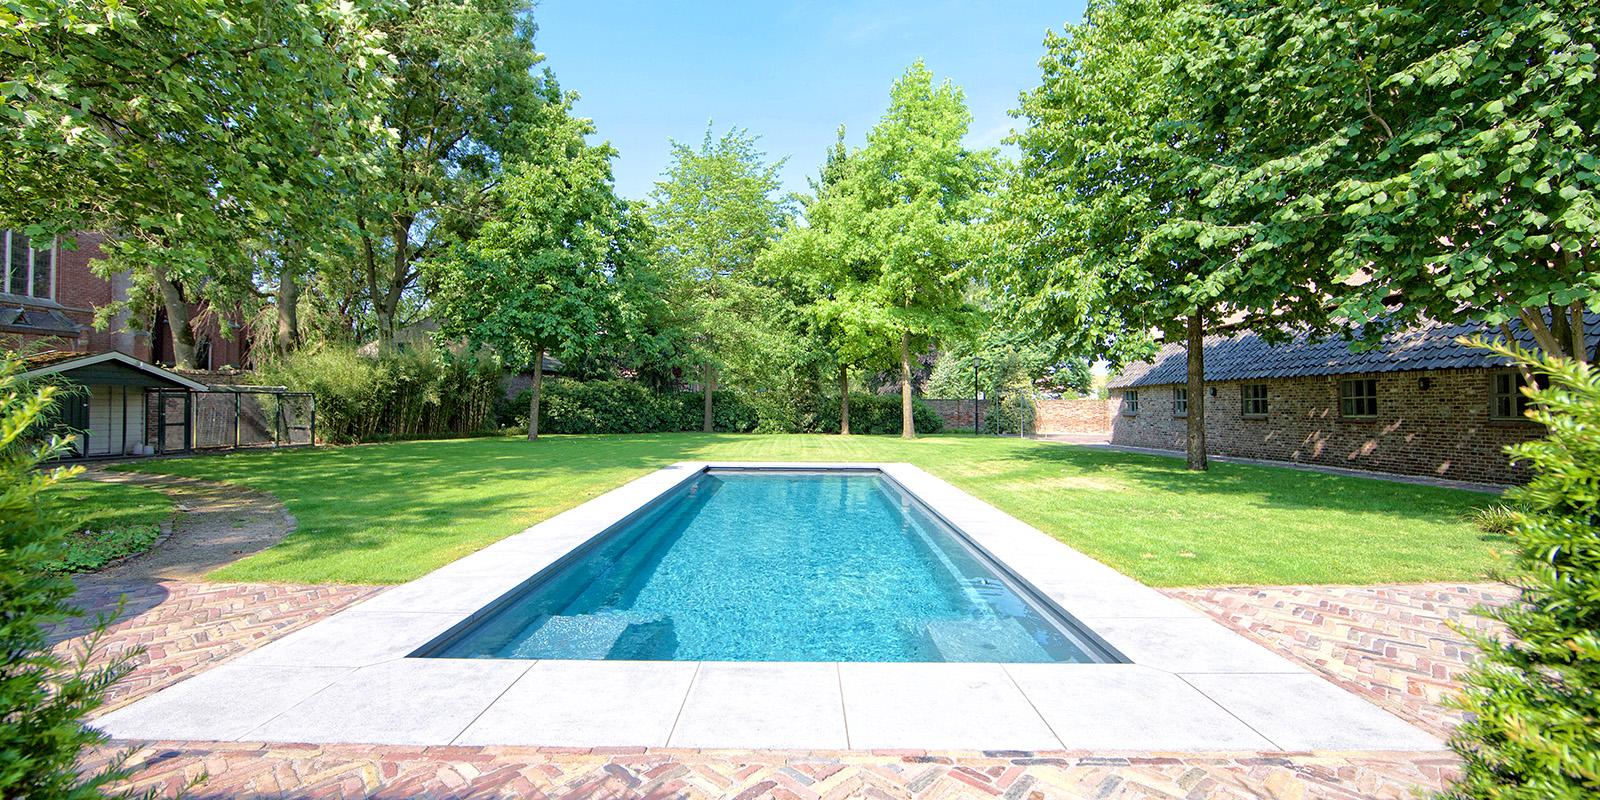 Compass Pools, Vantage, zelfreinigend zwembad, alle zwembadmodellen, blog